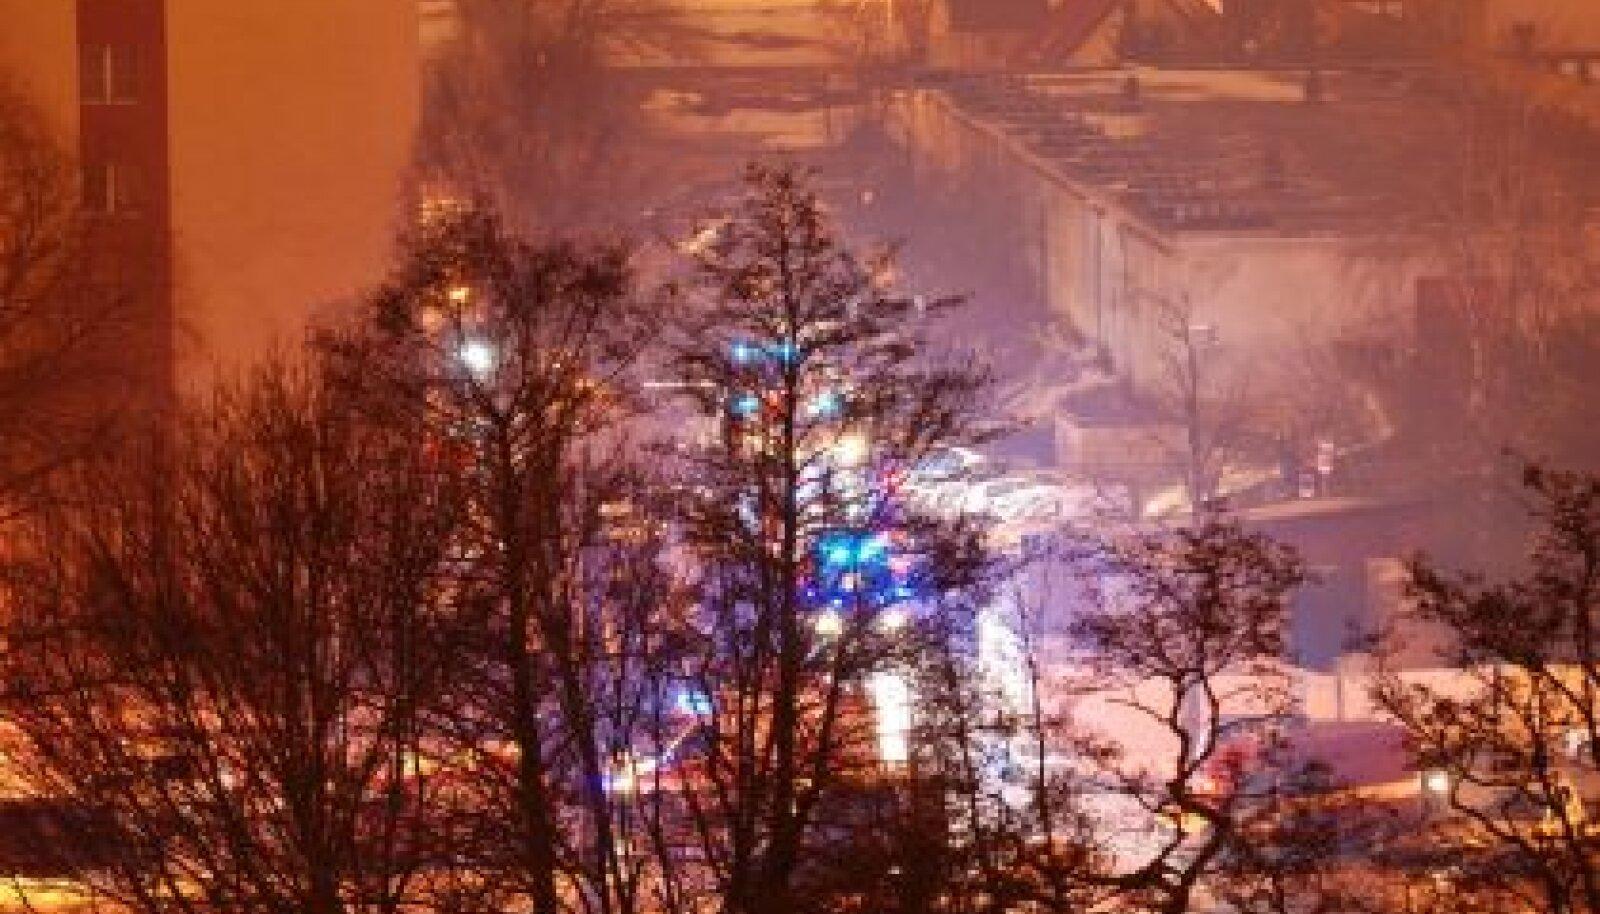 plahvatus Kuldnoka tänaval